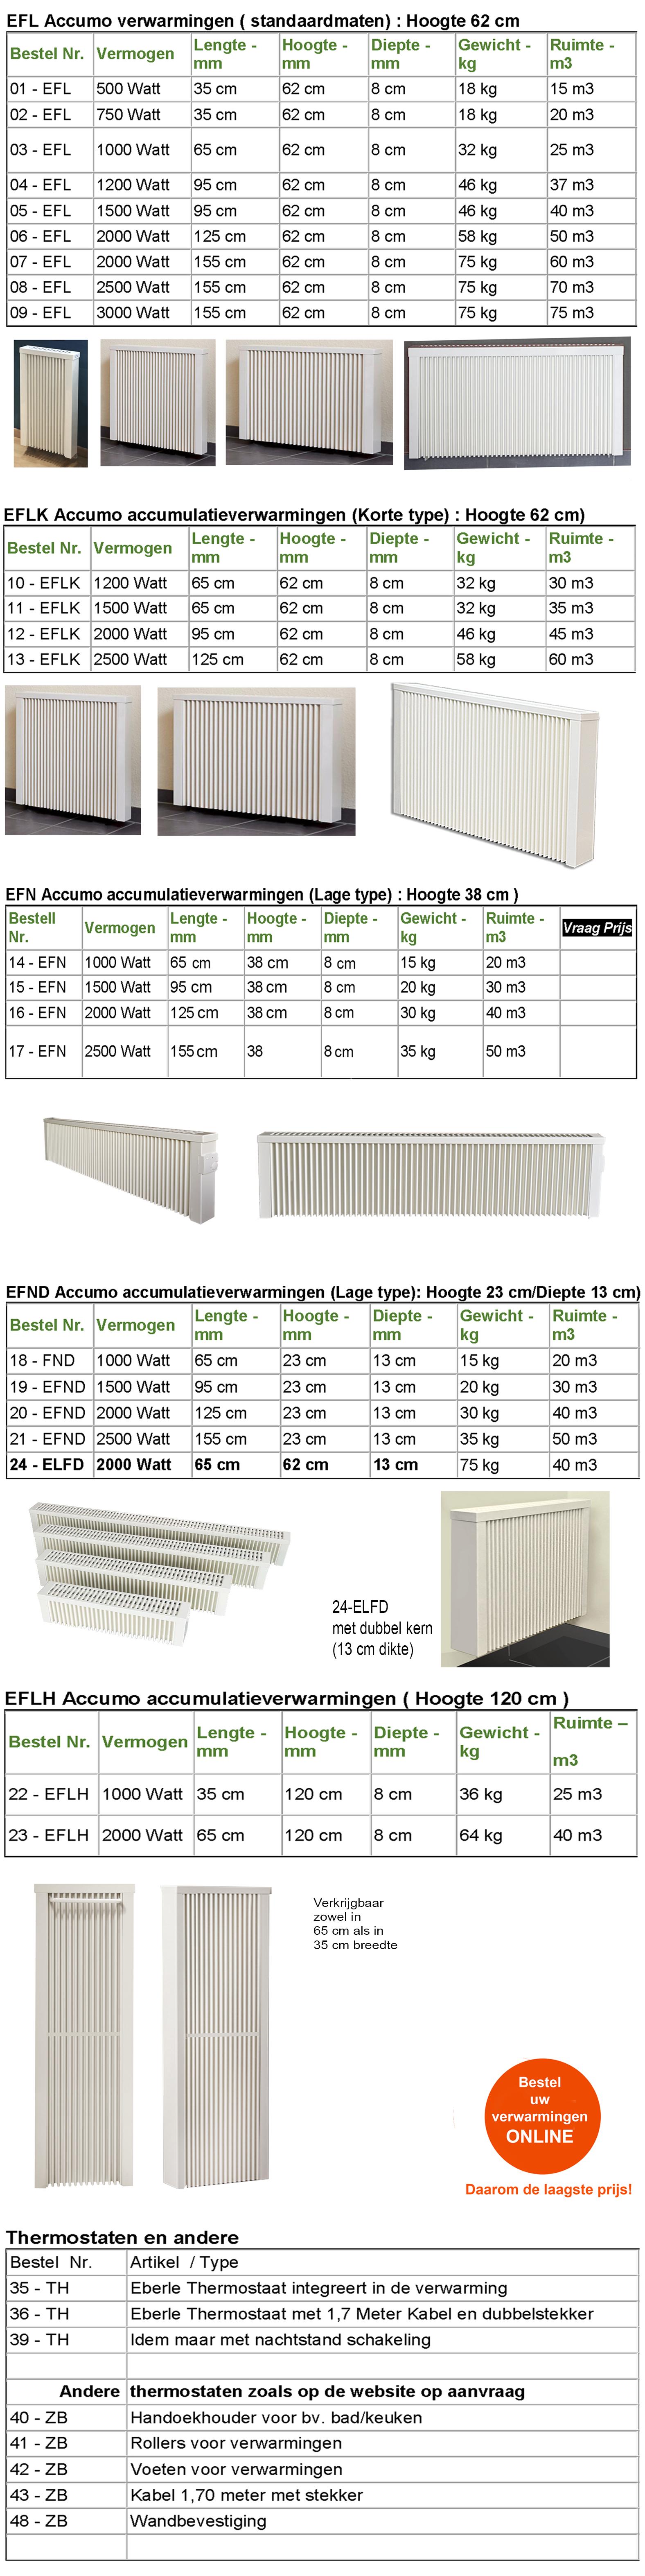 EFL-Accumo-verwarmingen-afmetingen-Maart 10 kl